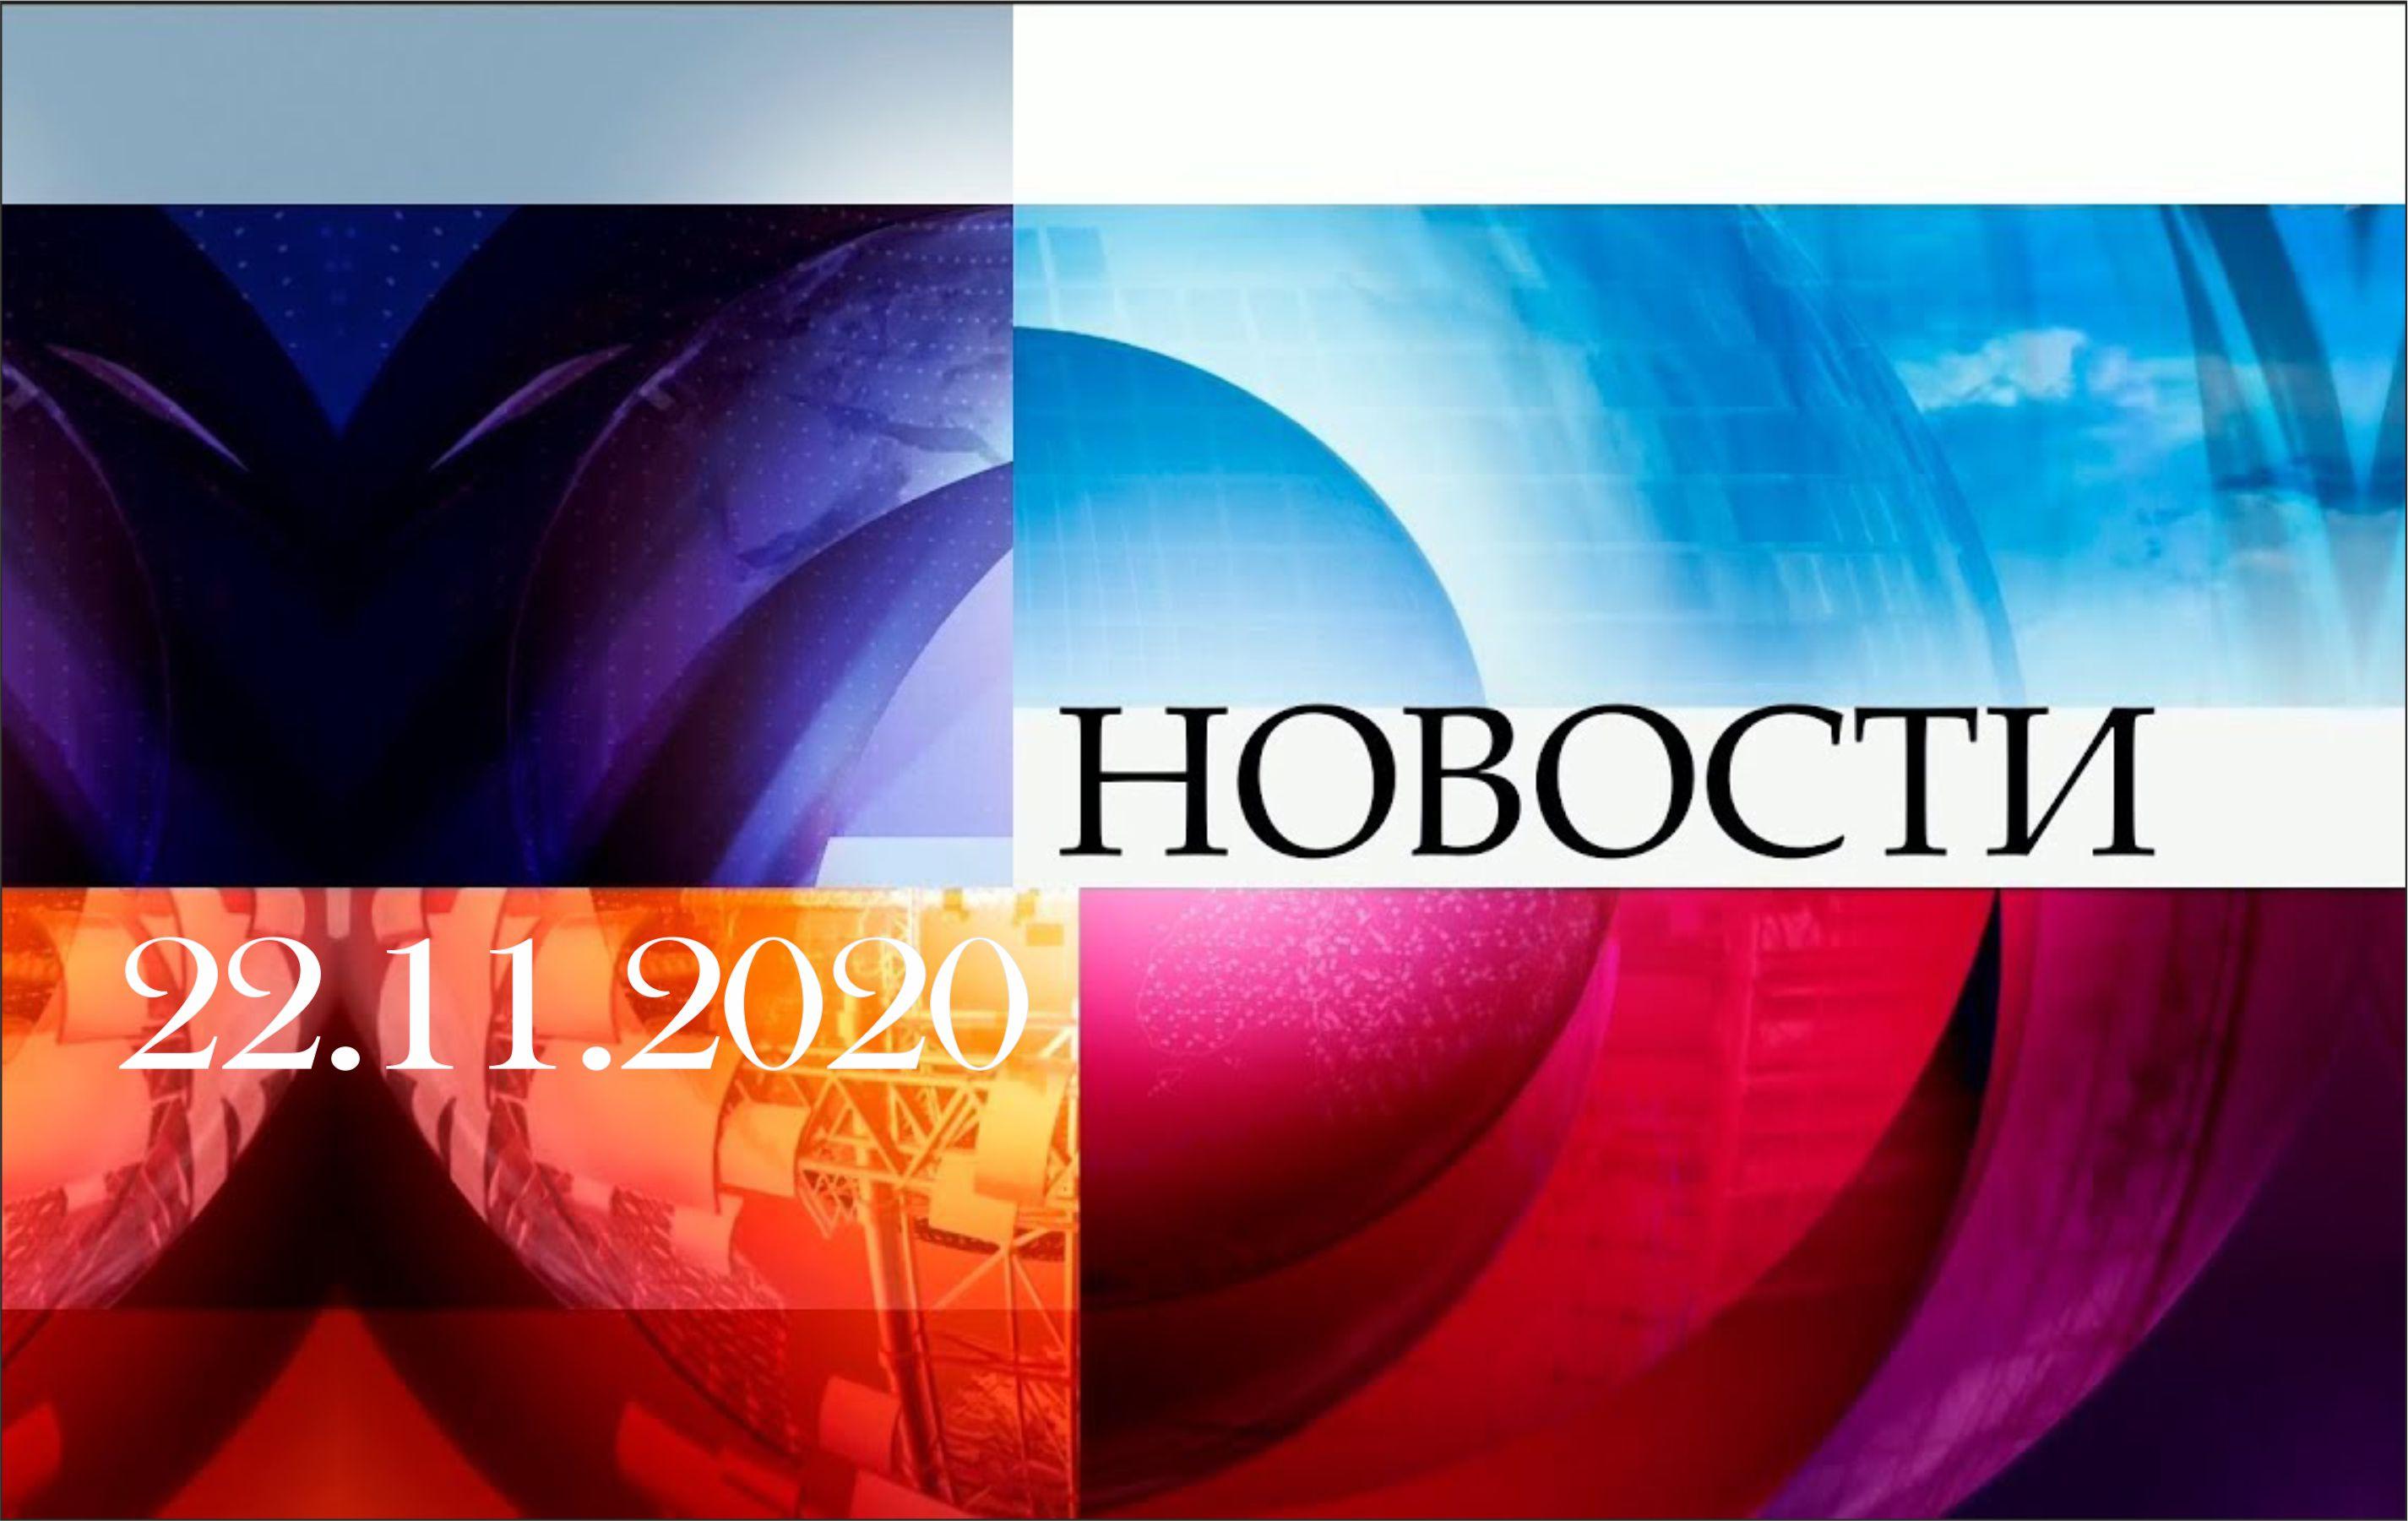 Новости. Выпуск 22.11.2020